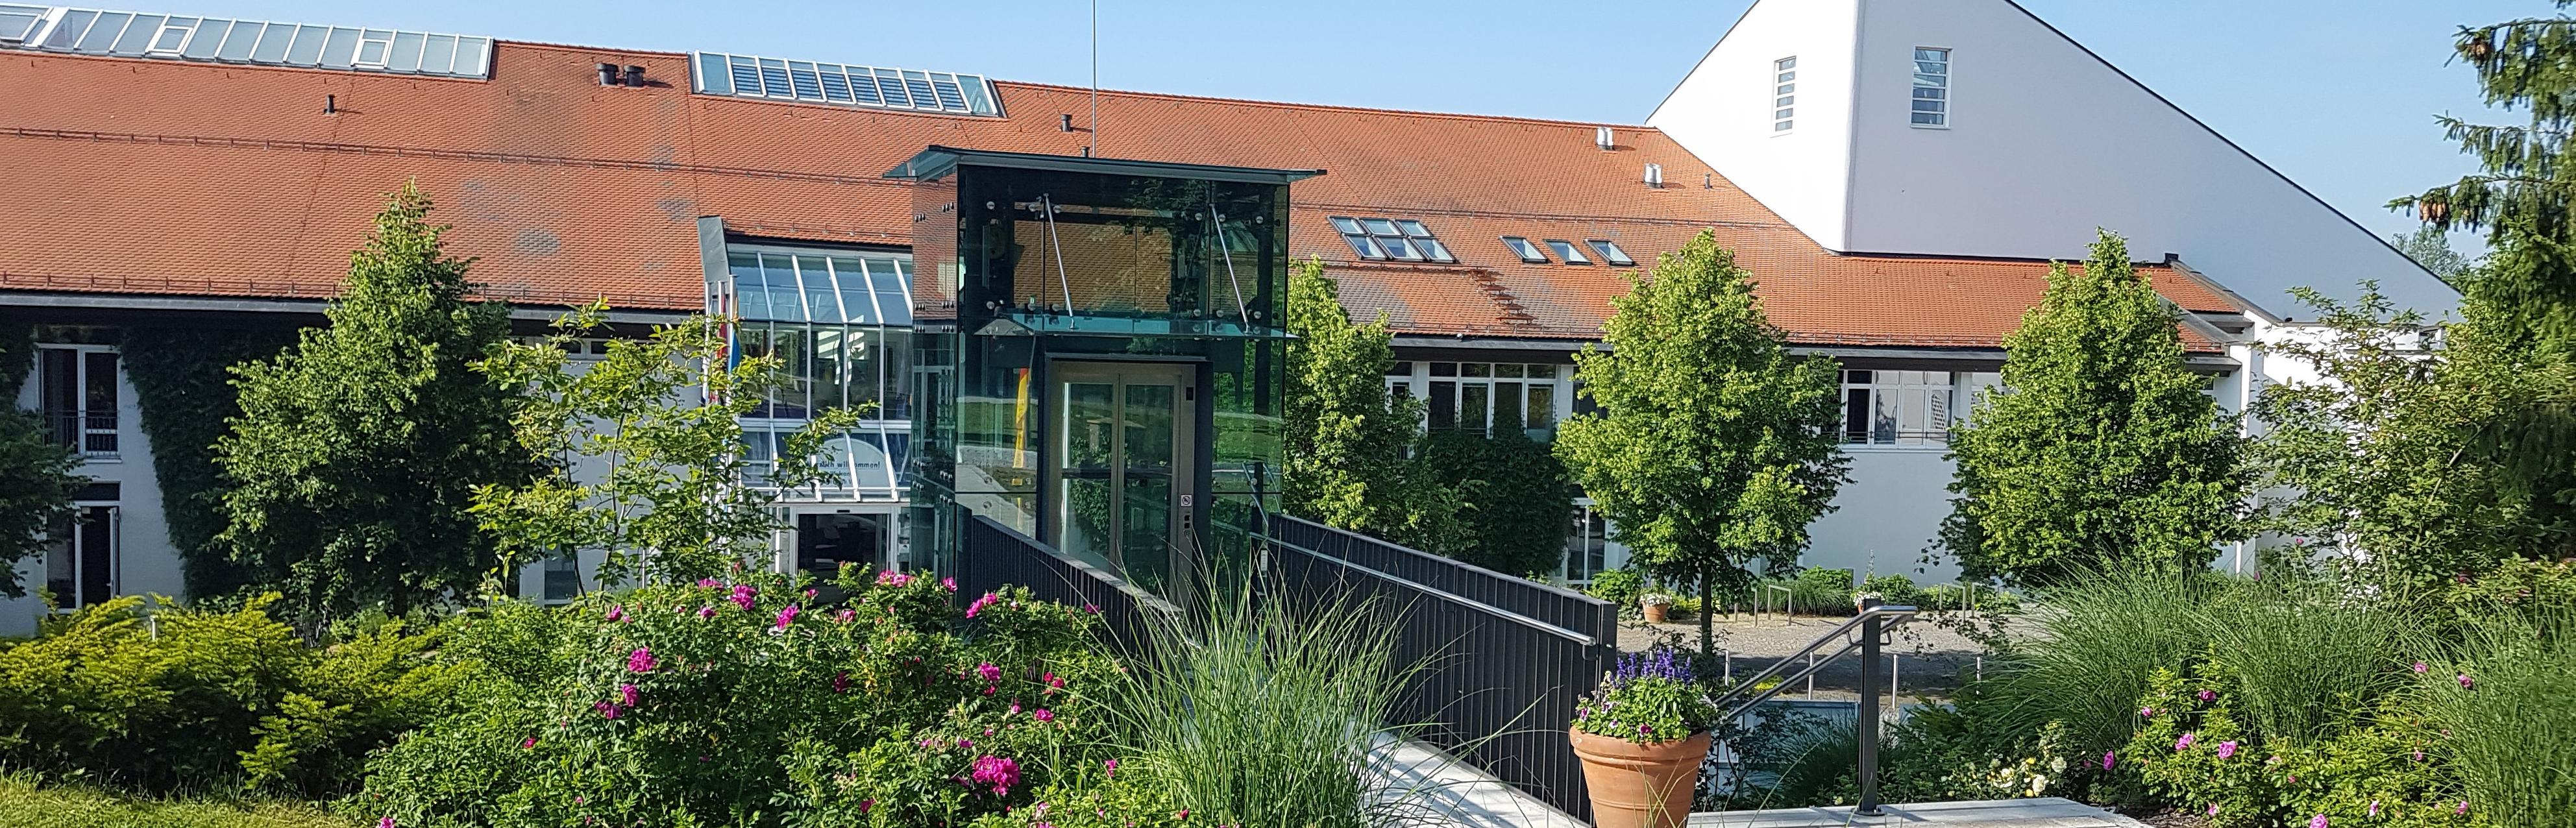 Haupteingang Sibyllenbad mit Aufzug 2019 Header